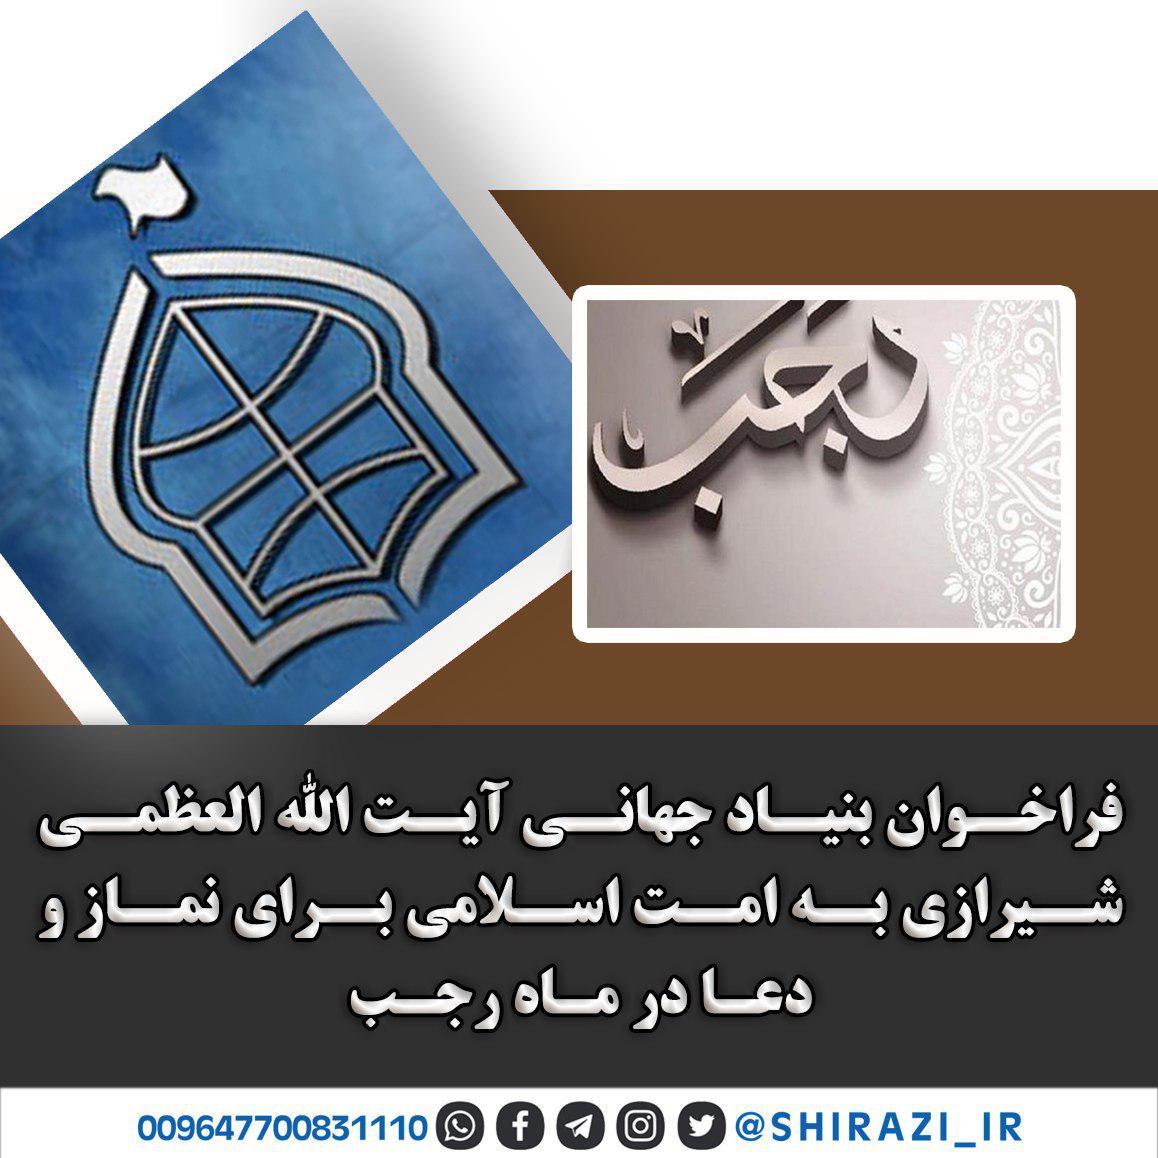 تصویر فراخوان بنیاد جهانی آیت الله العظمی شیرازی به امت اسلامی برای نماز و دعا در ماه رجب